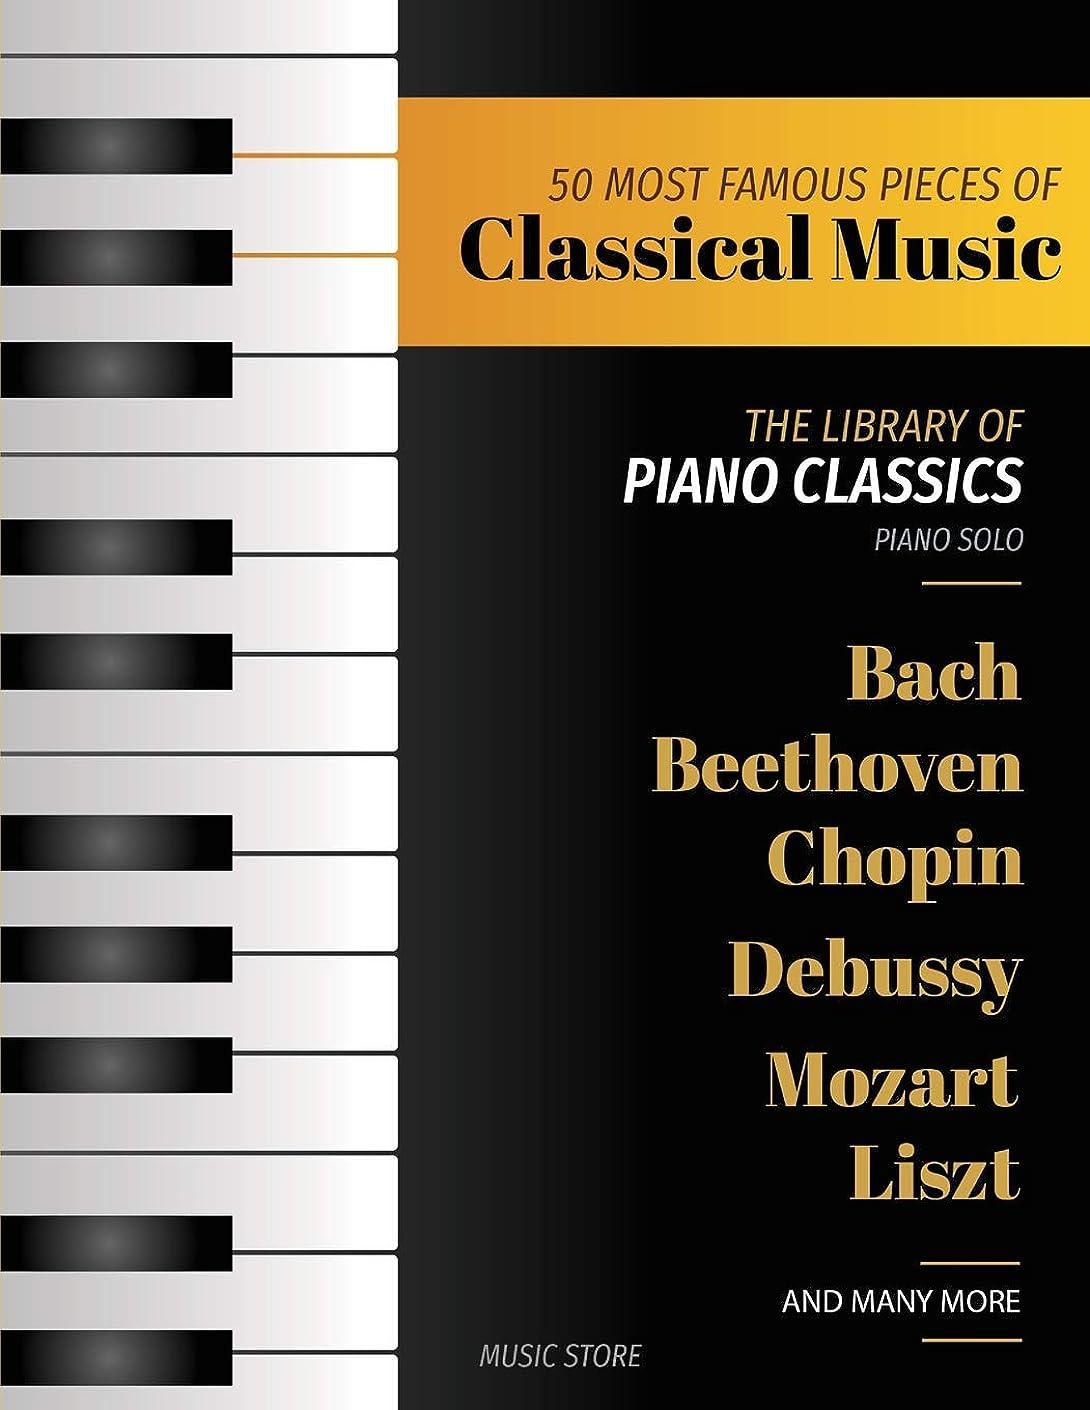 設置スキップパトロン50 Most Famous Pieces Of Classical Music: The Library of Piano Classics Bach, Beethoven, Bizet, Chopin, Debussy, Liszt, Mozart, Schubert, Strauss and more